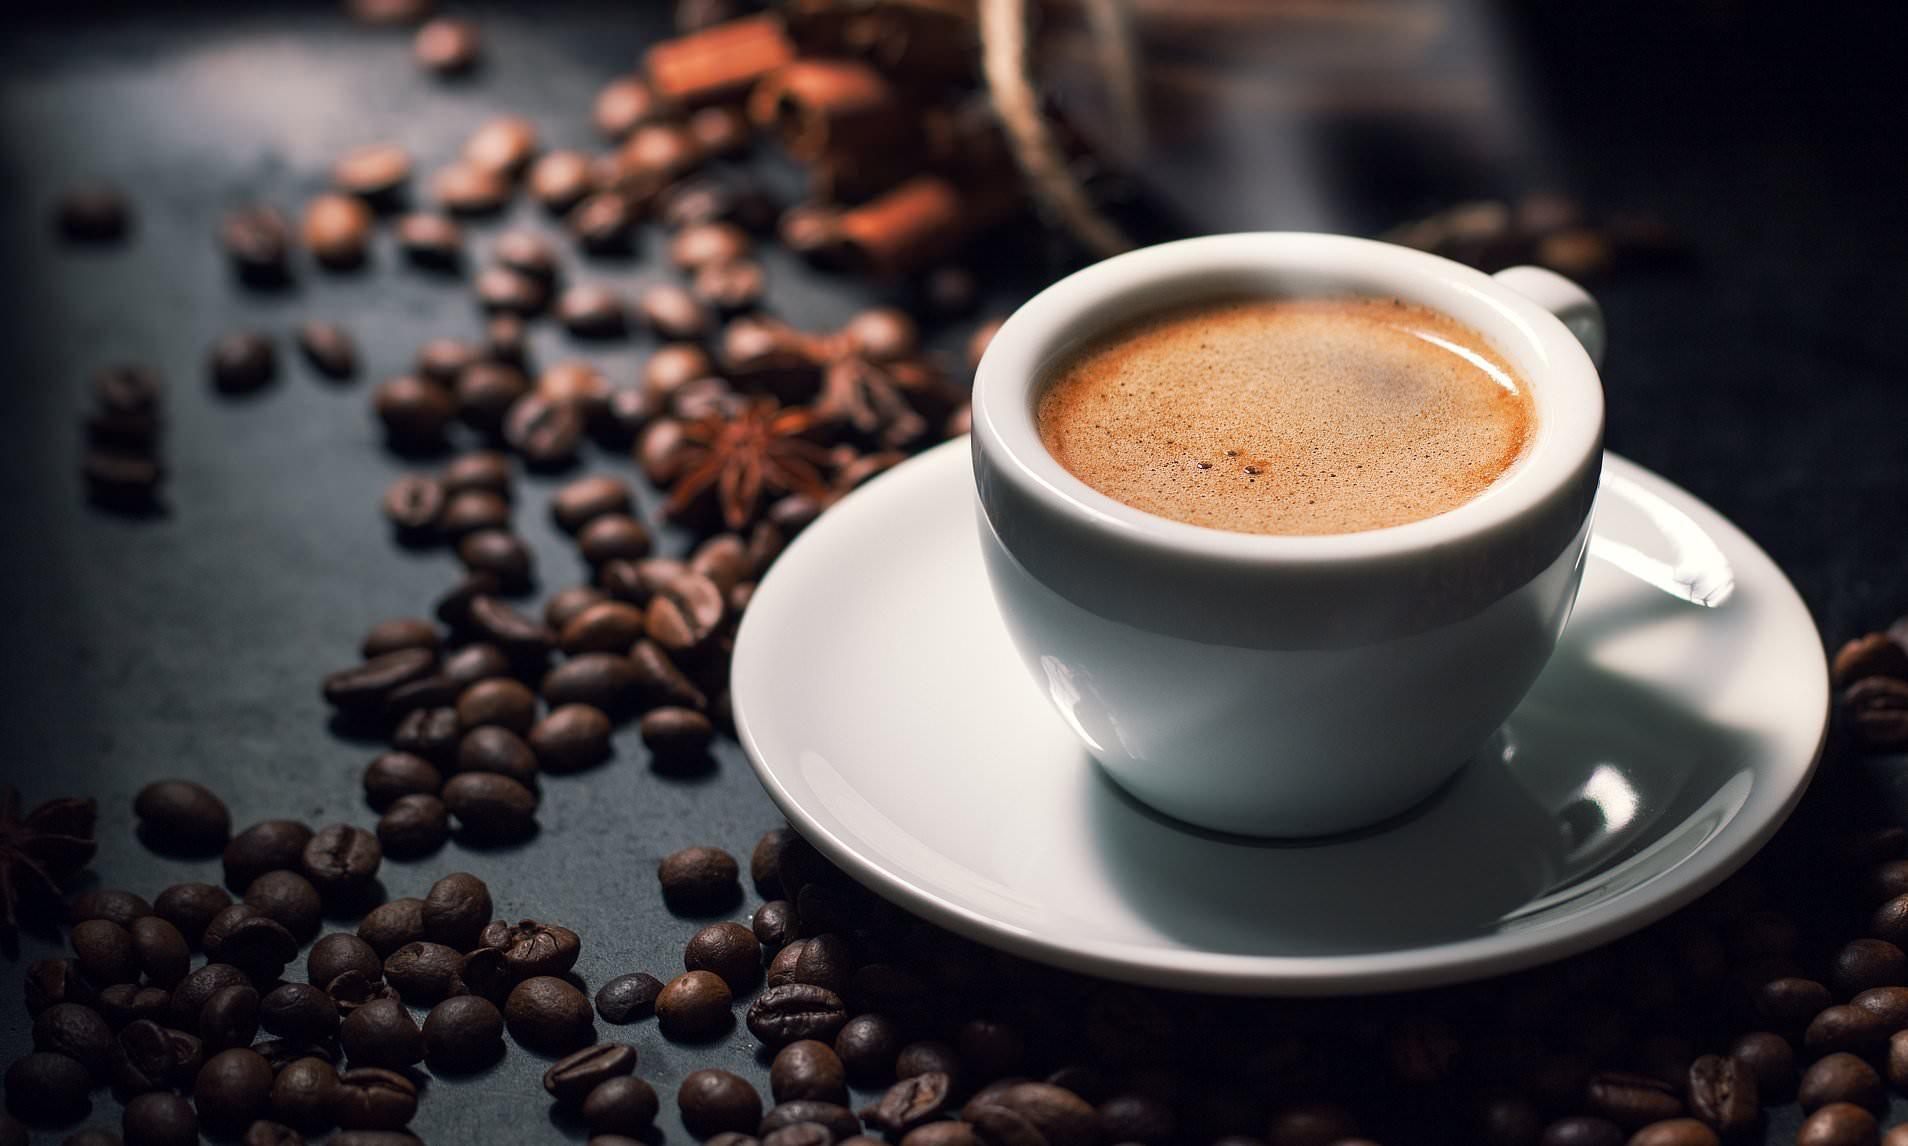 Bất ngờ khi uống 2 ly cà phê mỗi ngày - Báo Người lao động